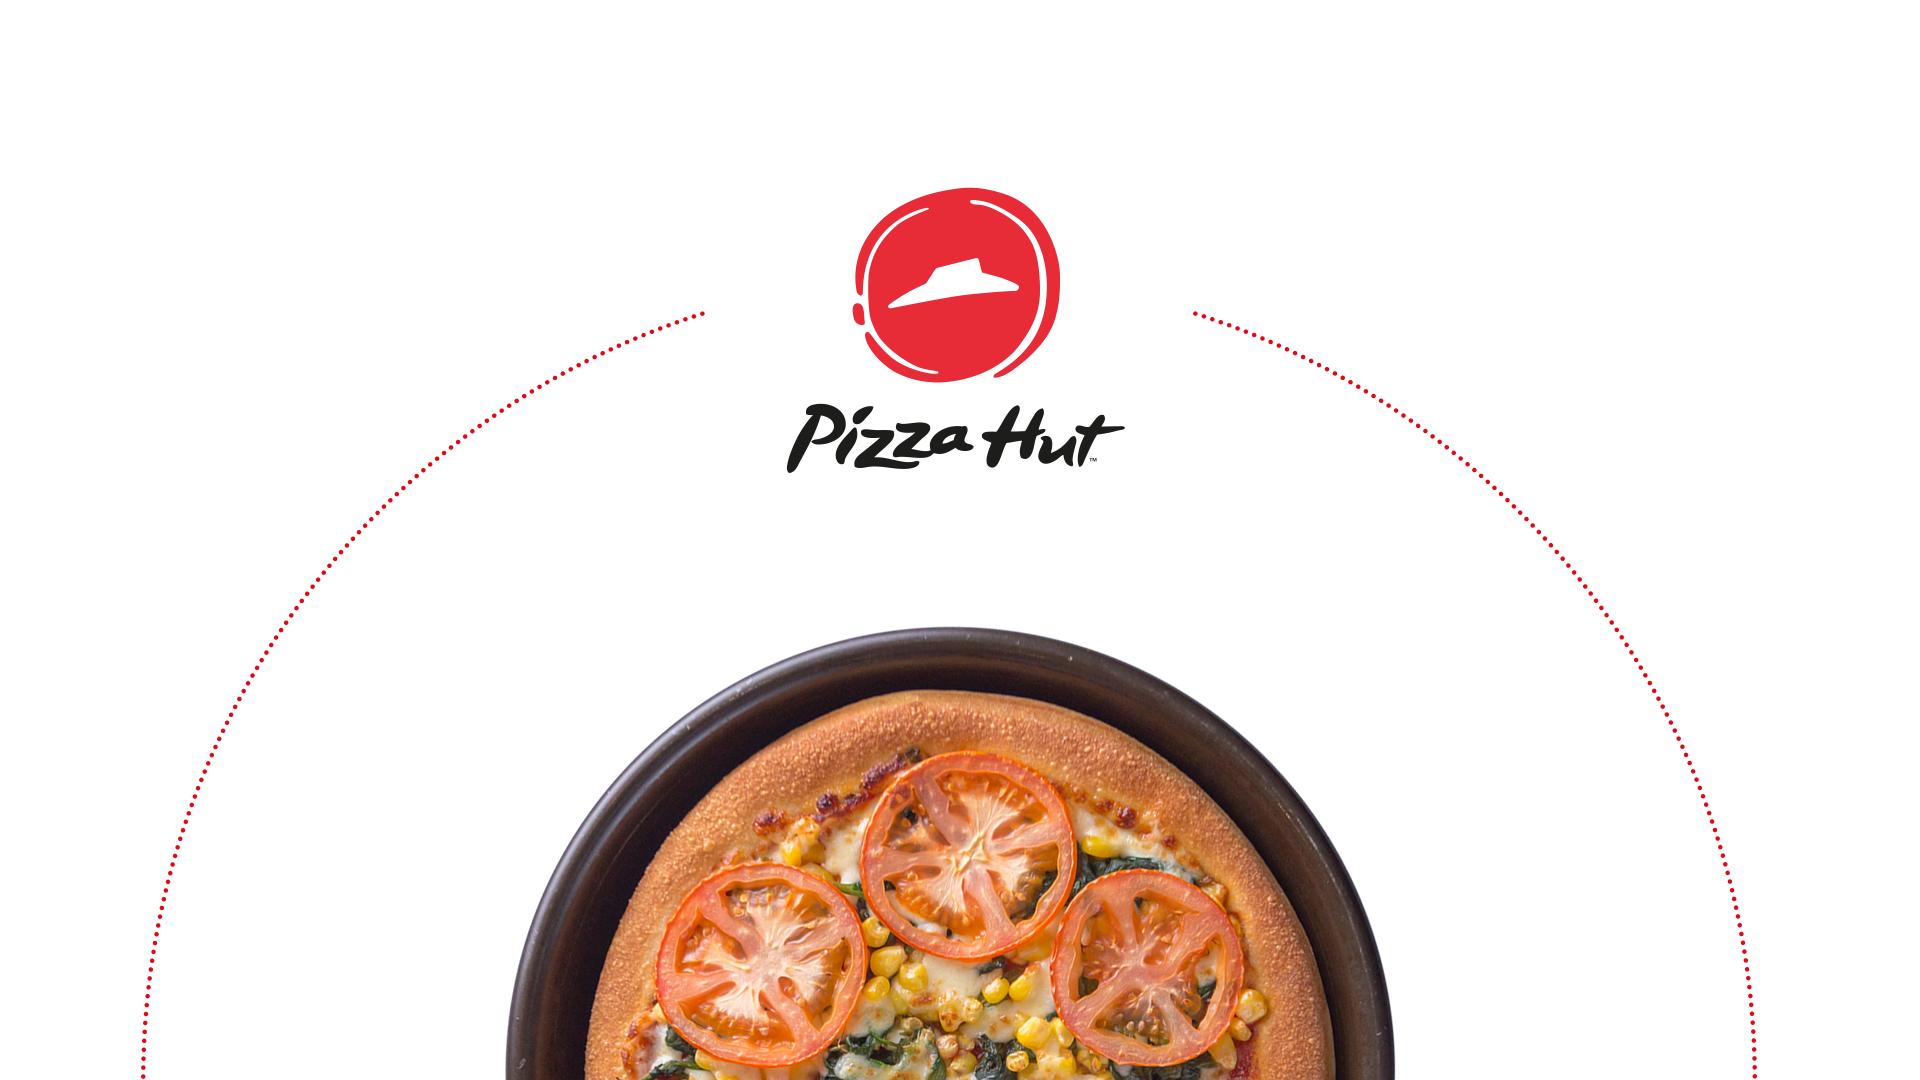 Pizza Hut Logo und Pan Pizza im Anschnitt.